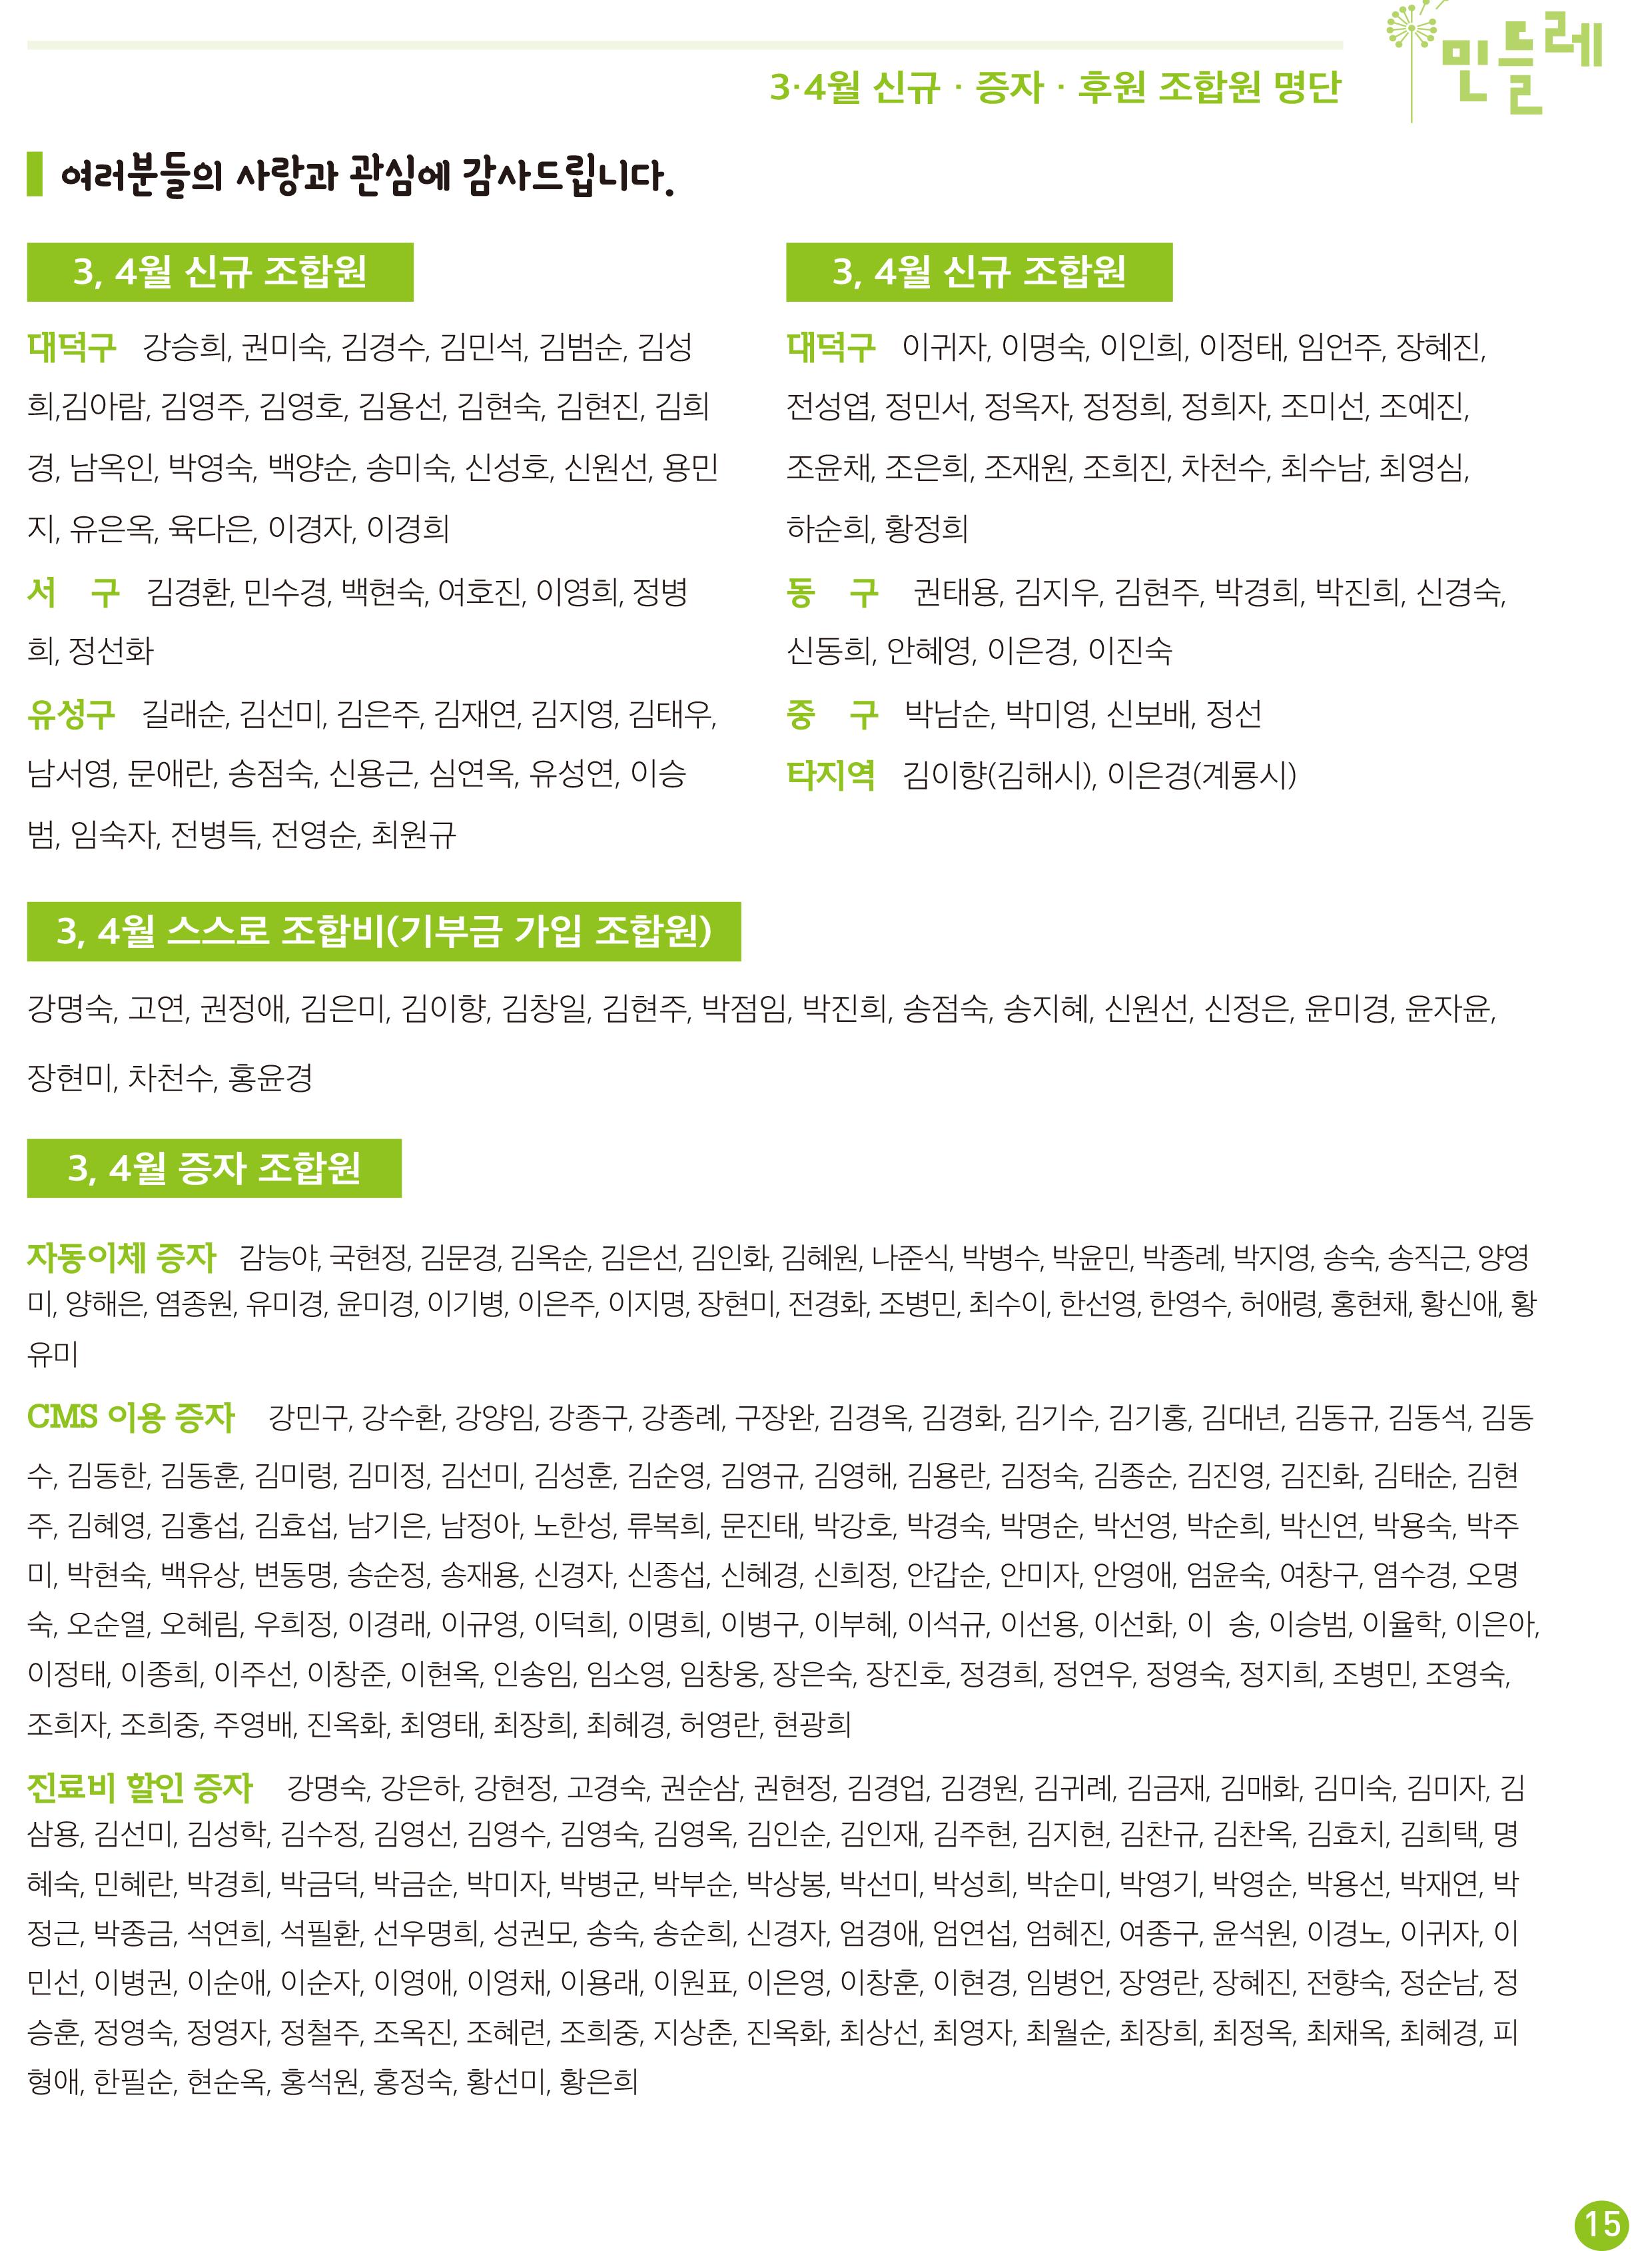 민들레 소식지 5월호 _ 시안(최종)-15.jpg